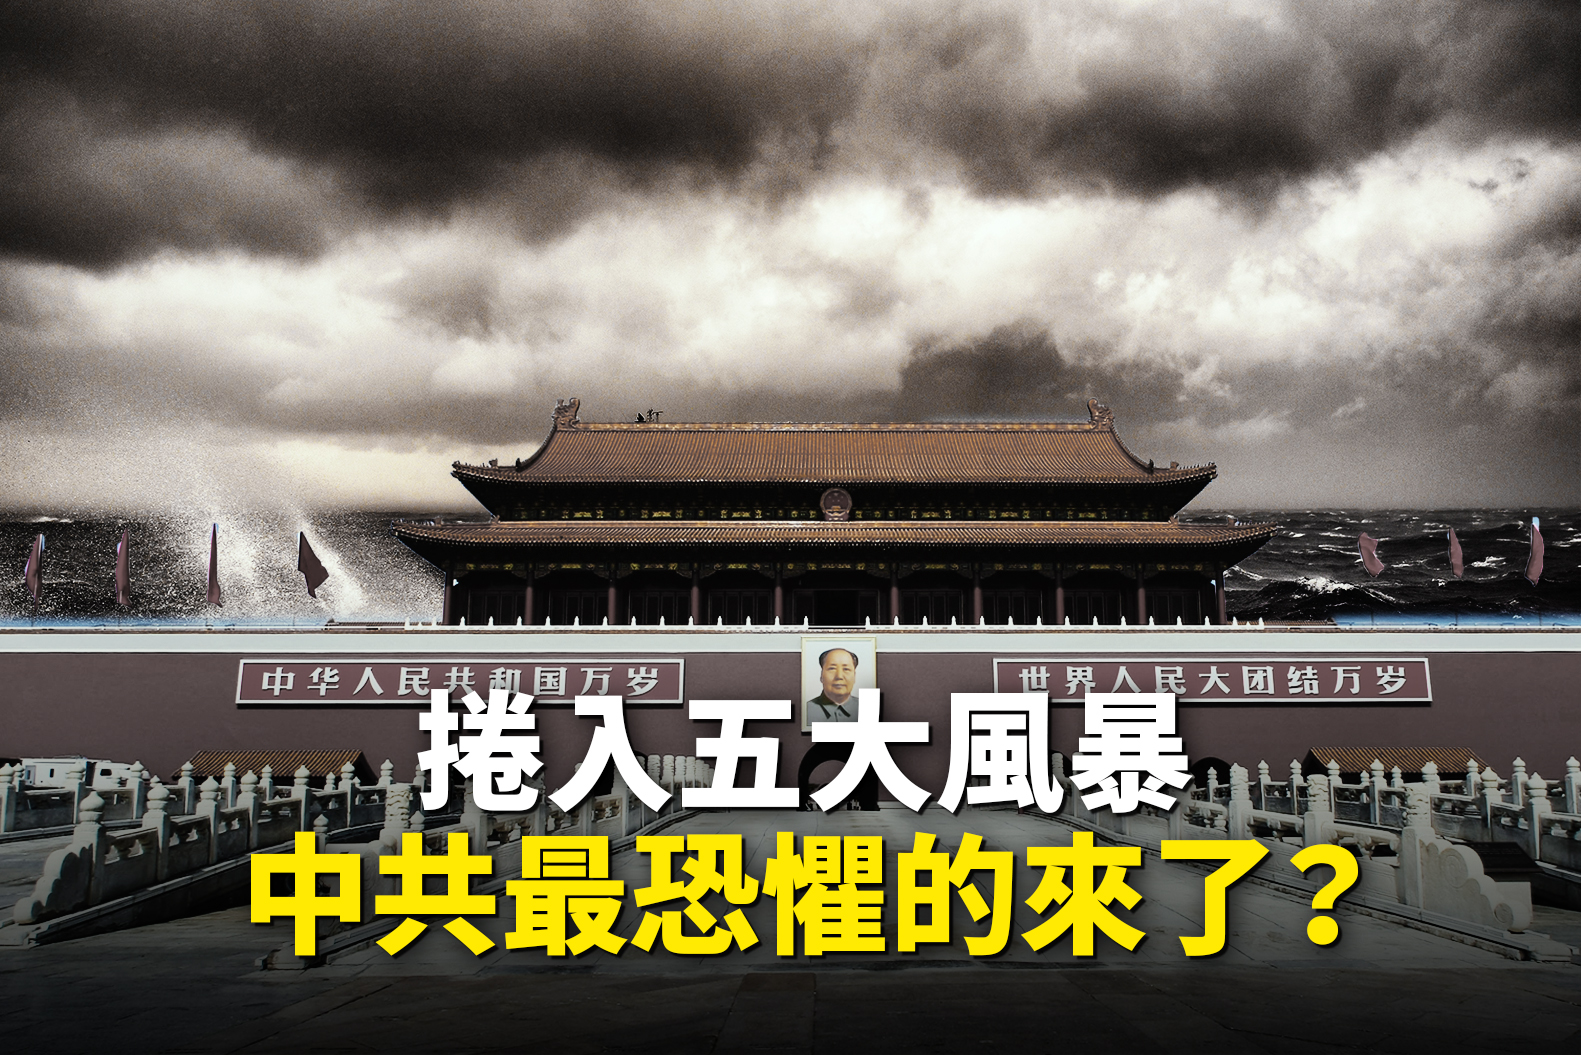 圖為烏雲密佈的北京天安門廣場。(Getty Images)